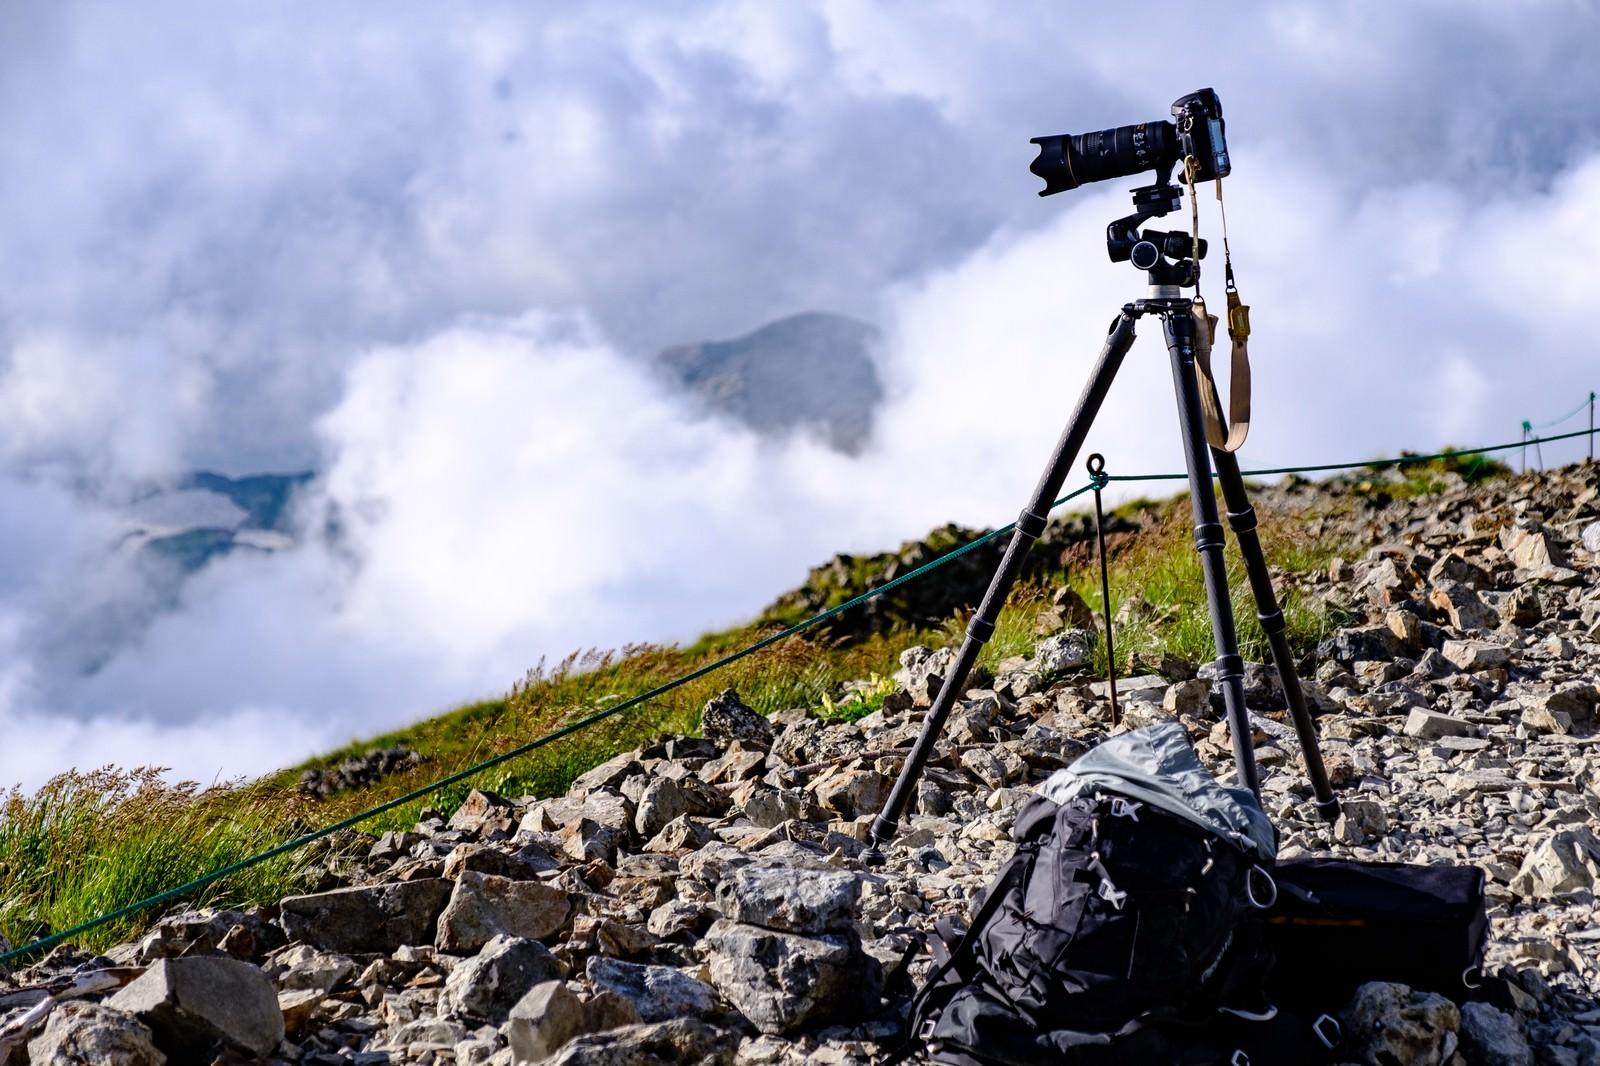 三脚と一眼レフで山岳写真を撮影中(白馬岳)の写真(画像)を無料 ...